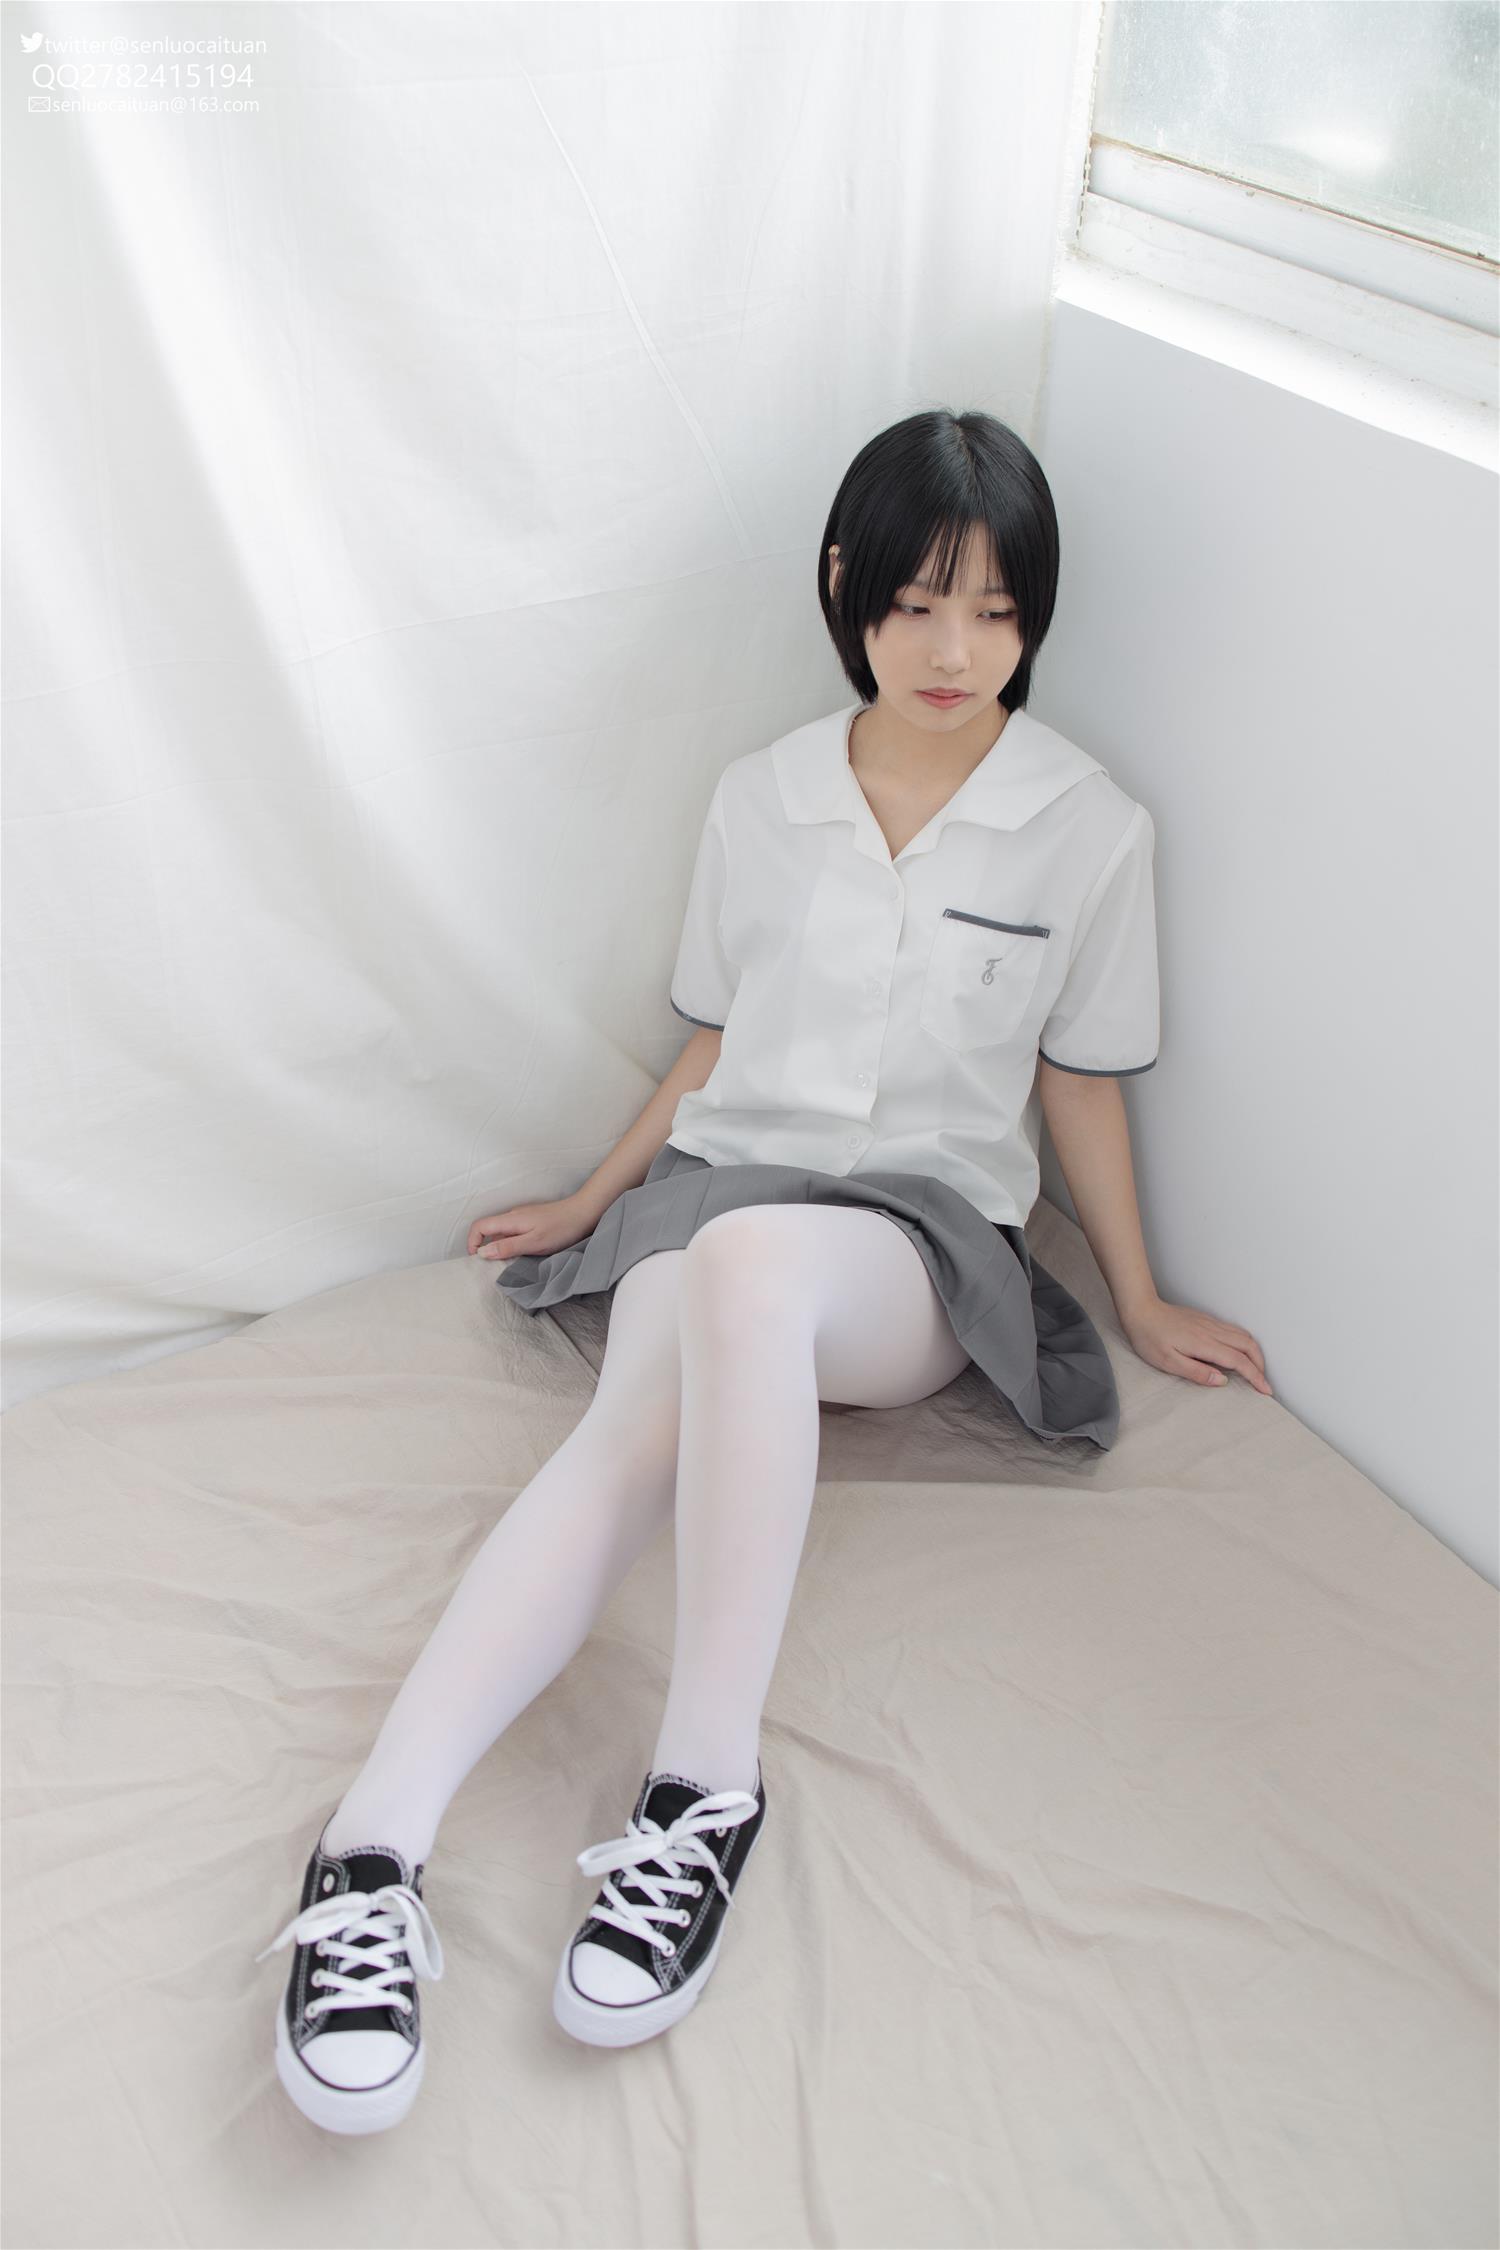 森萝财团 GG-003 希晨 JK制服(97P)